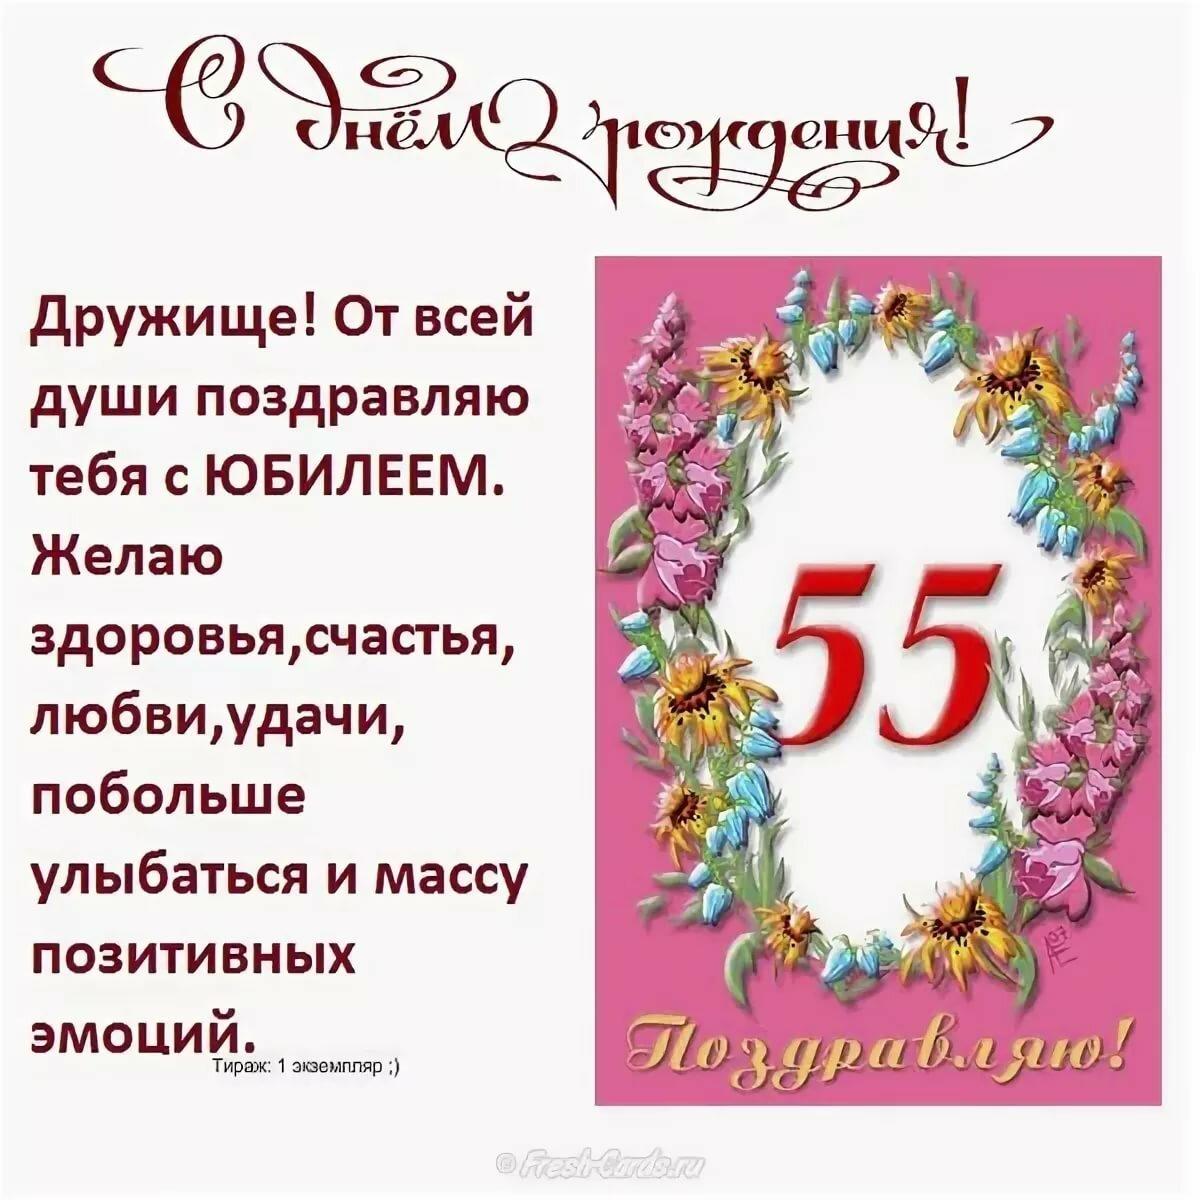 Картинки с юбилеем 55 лет мужчине в стихах красивые